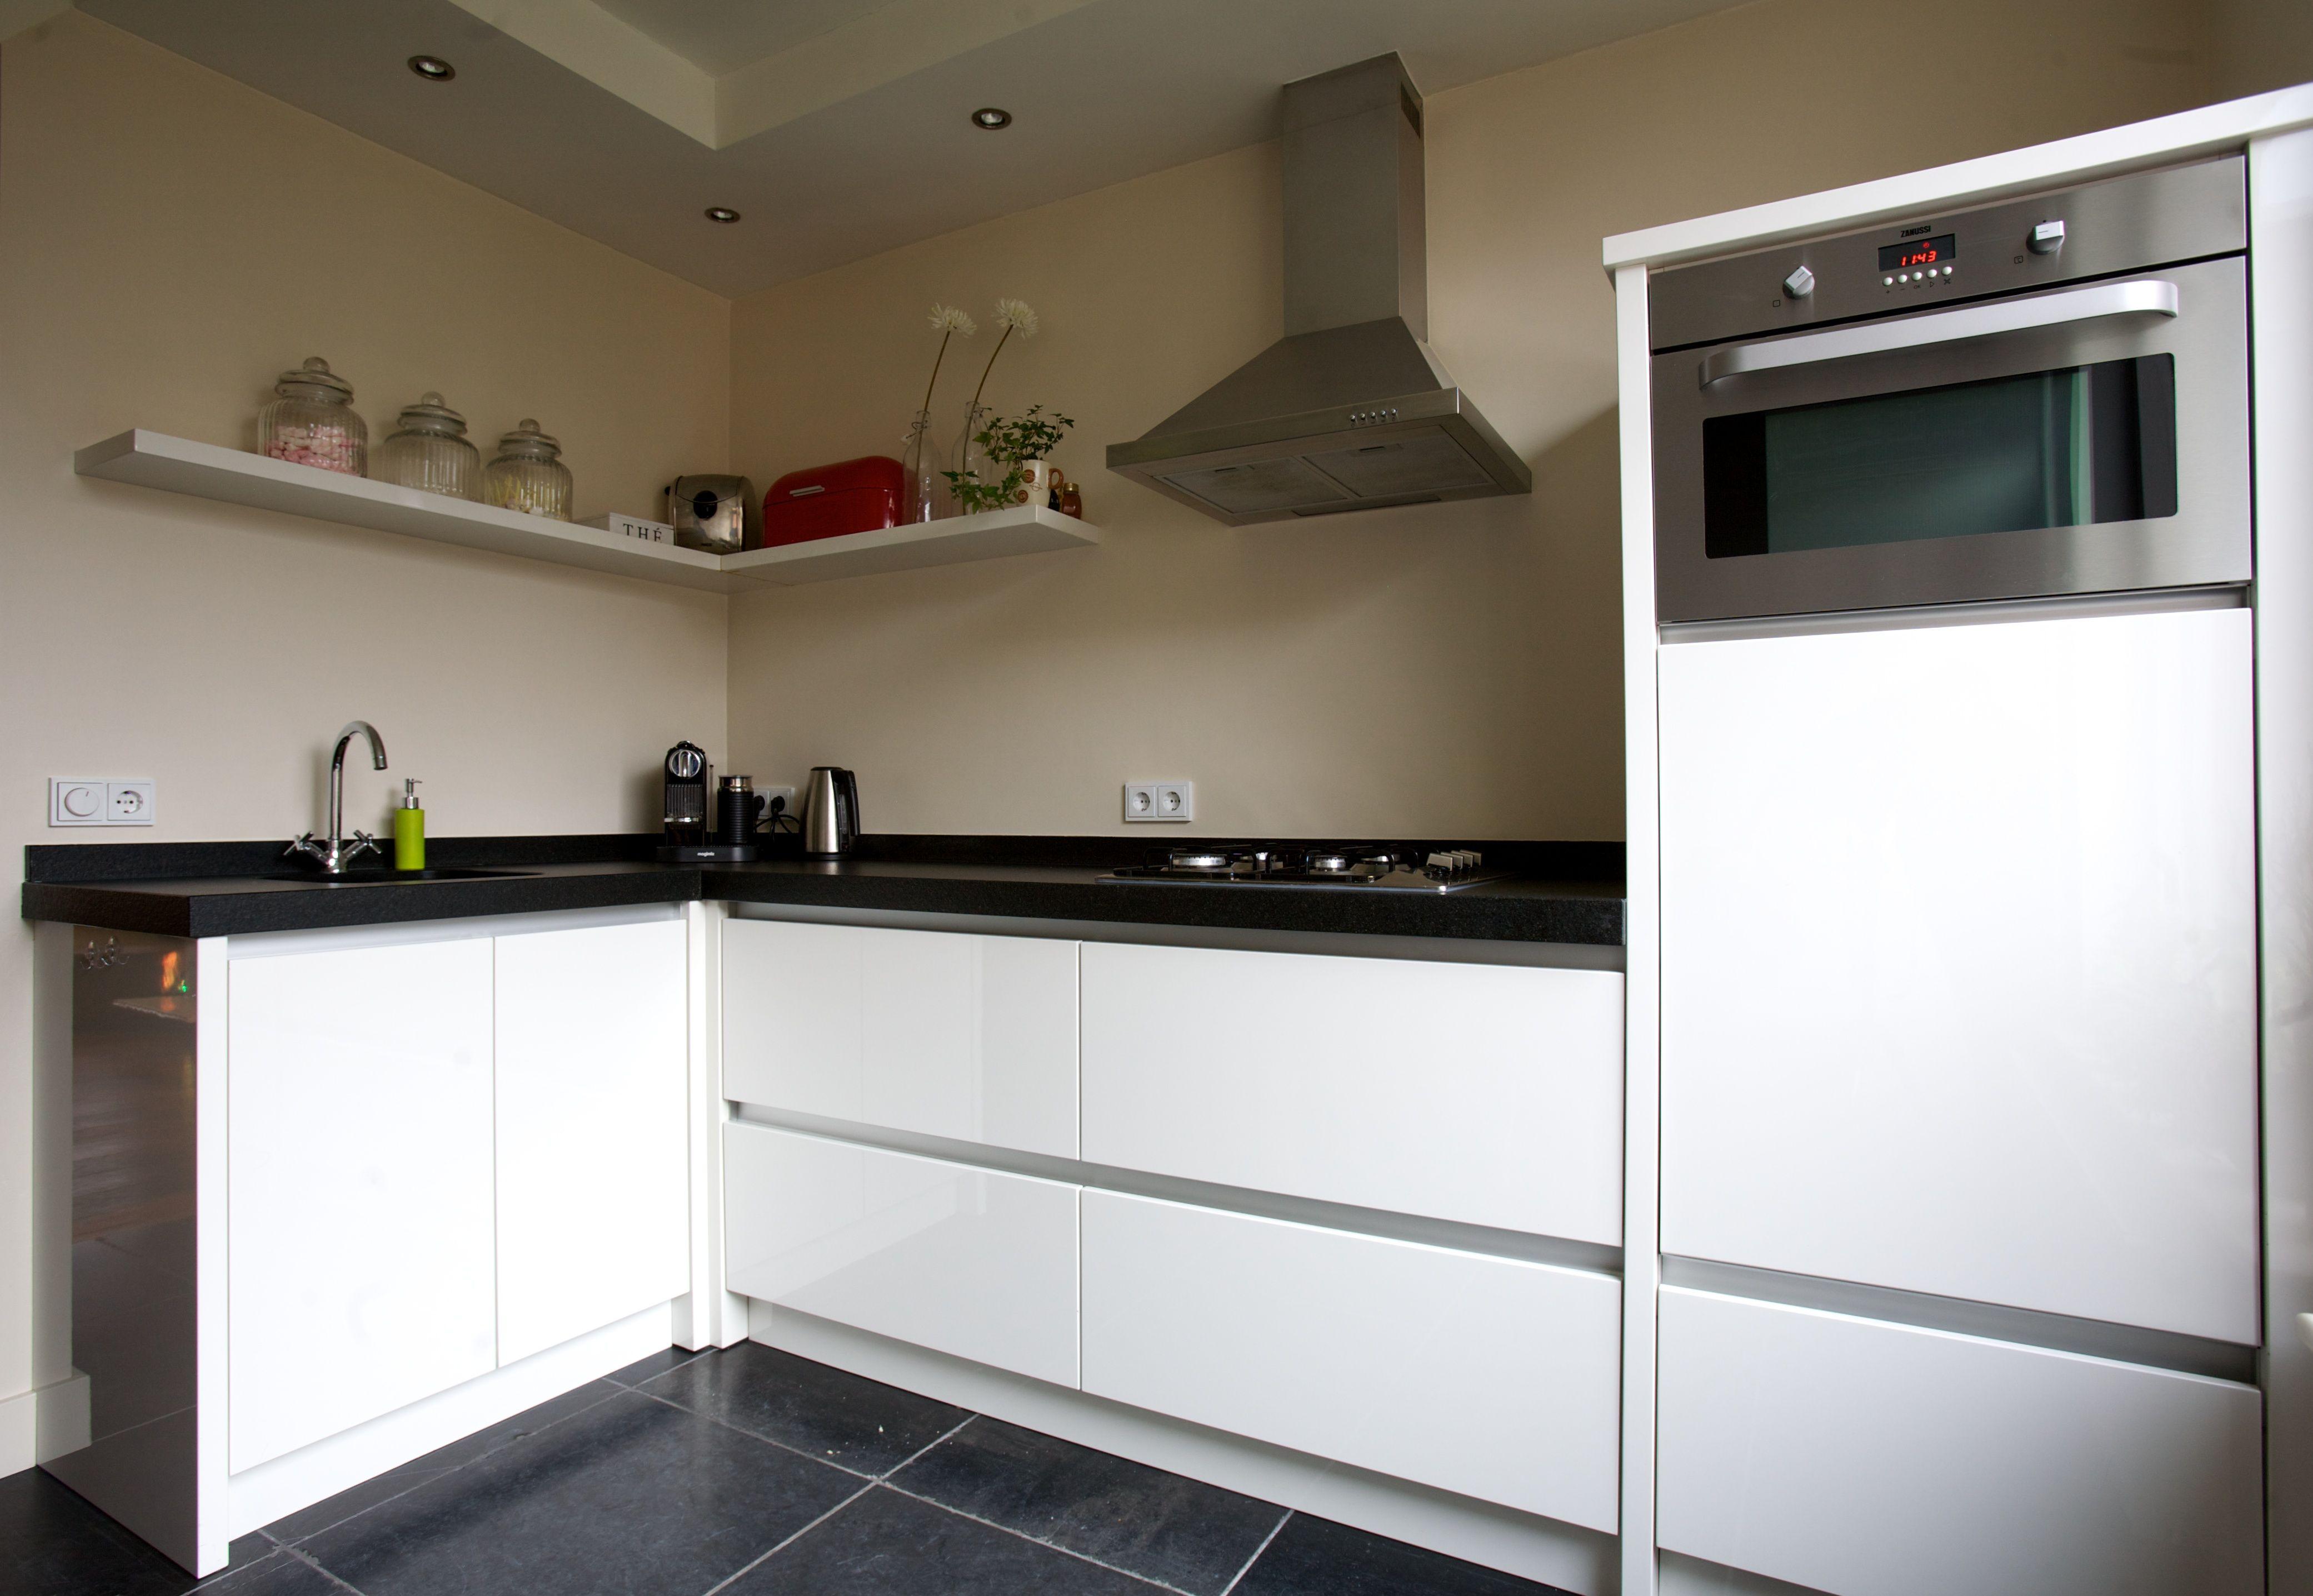 Moderne Keuken Keukenconcurrent : Moderne keuken keuken is in hoogglans wit gespoten aanrechtblad